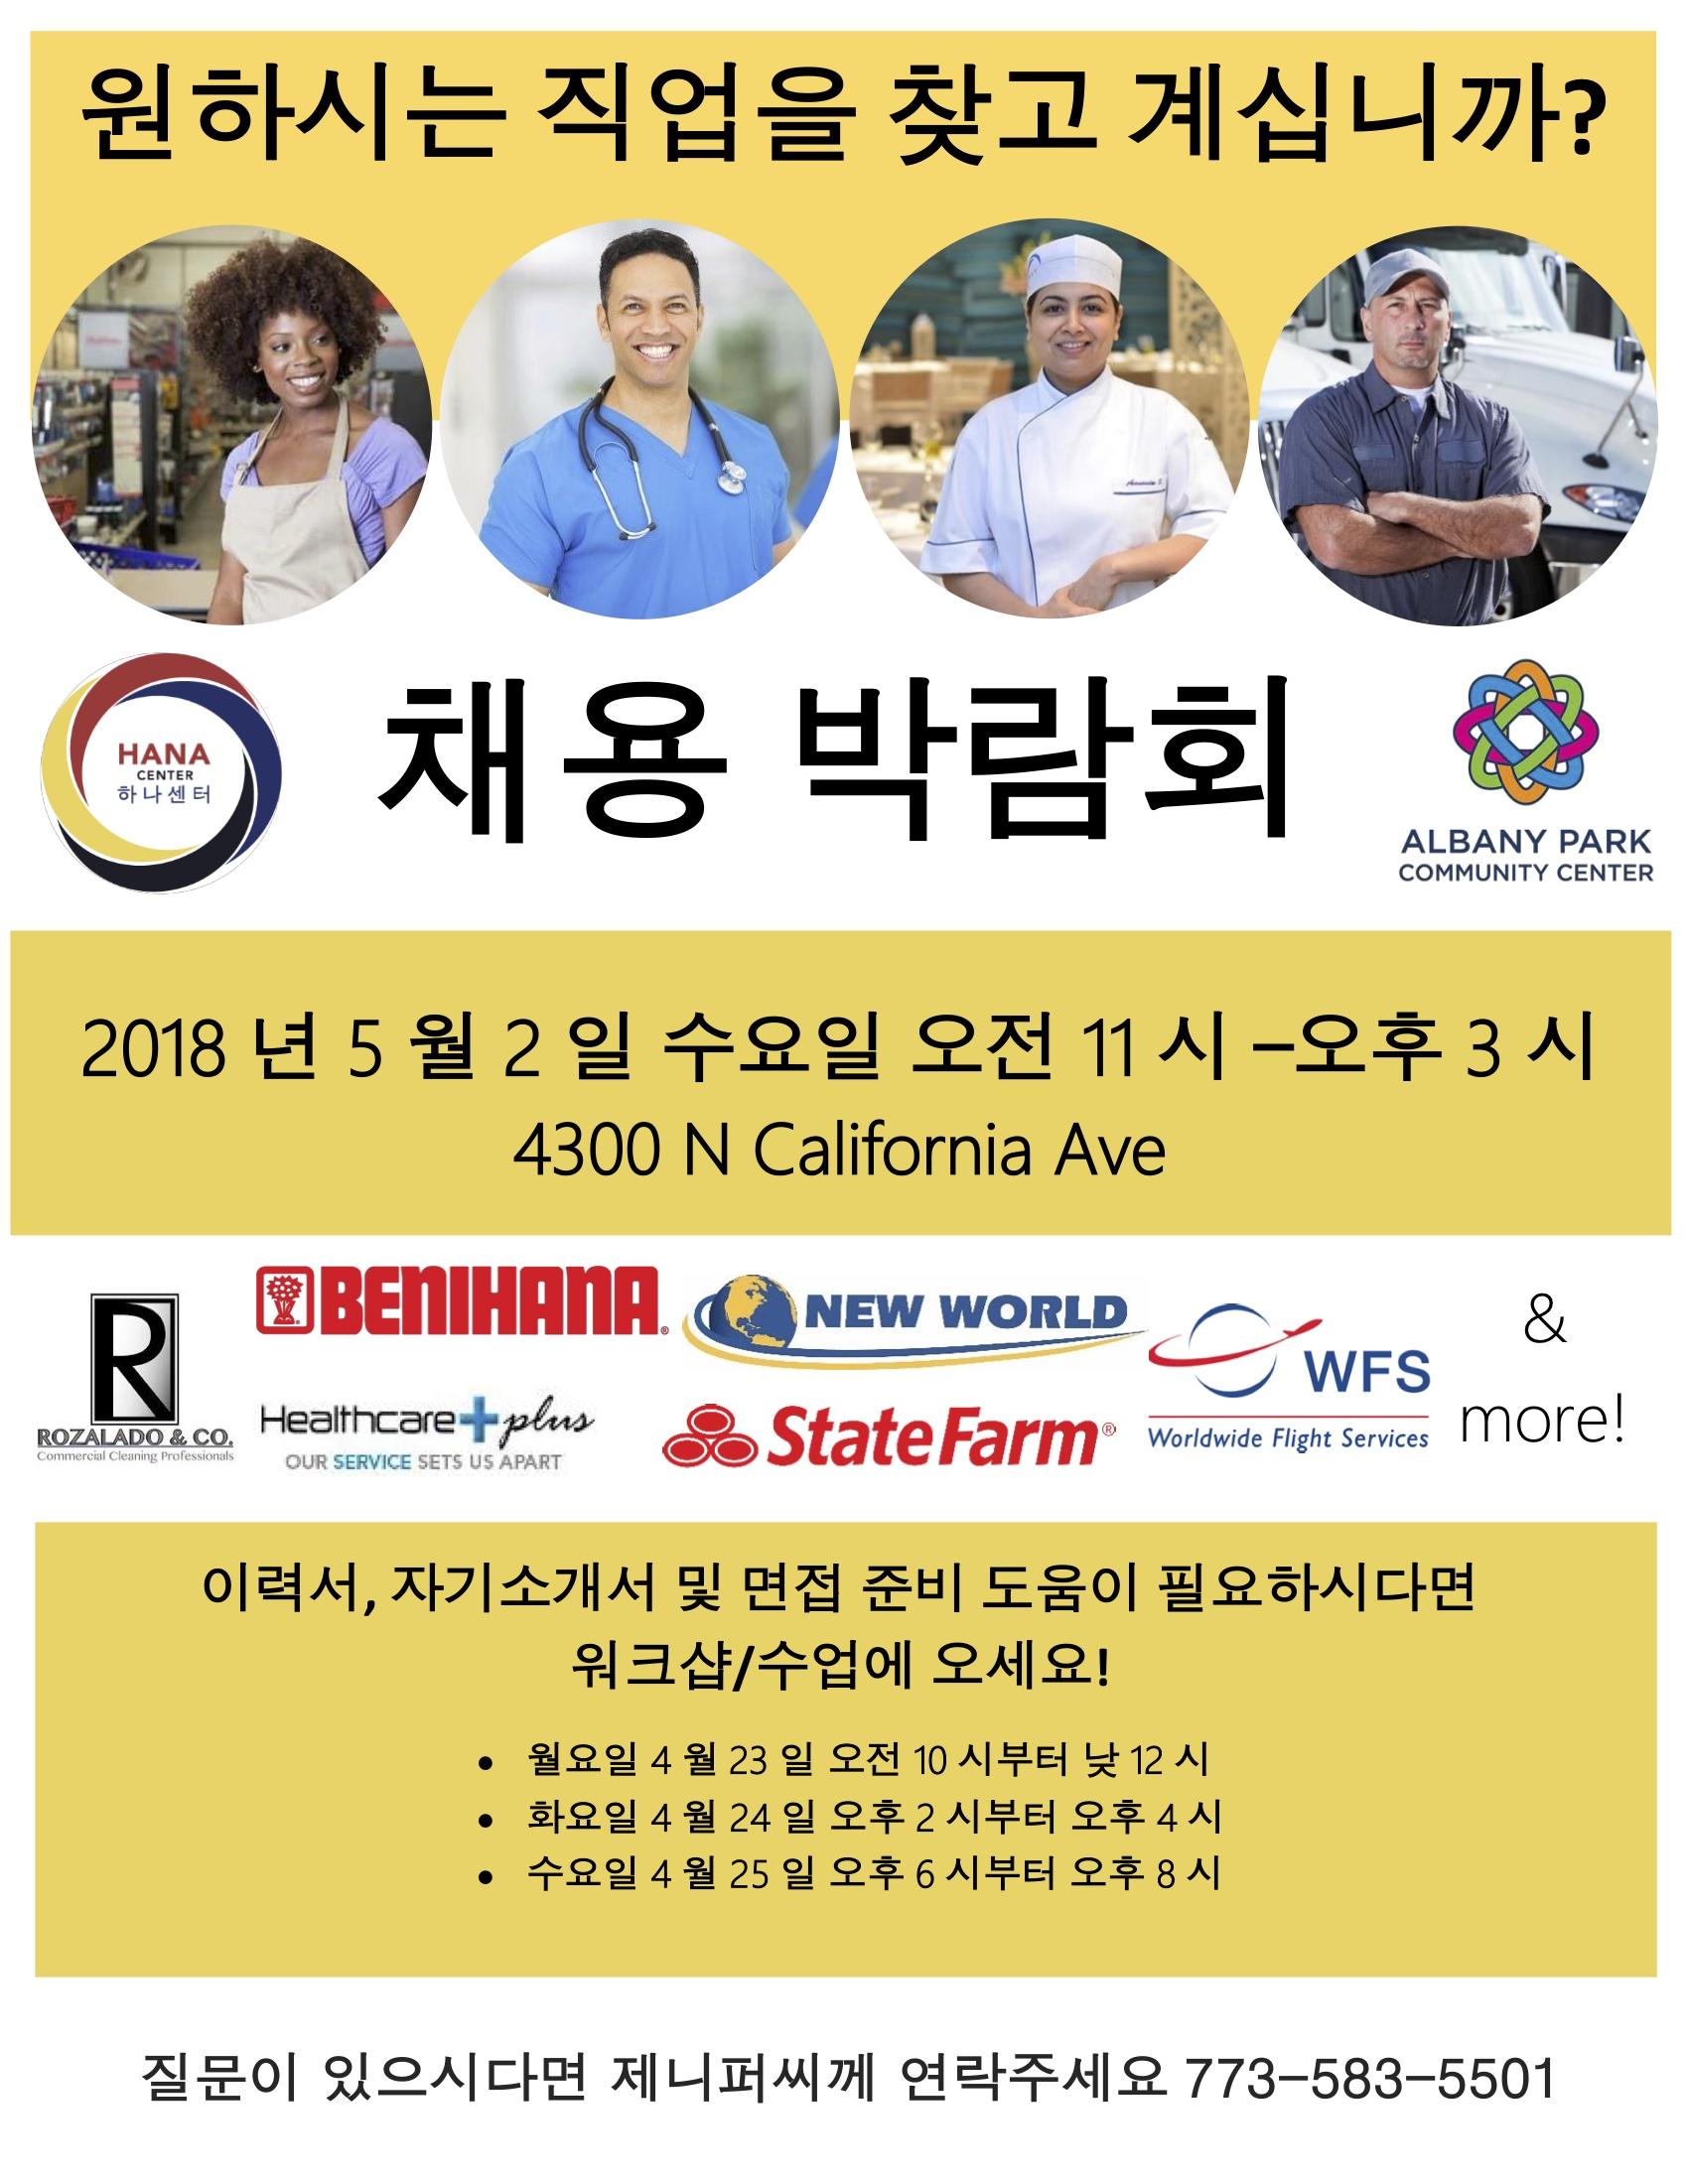 Job Fair Flyer - Korean Version 2018.jpg